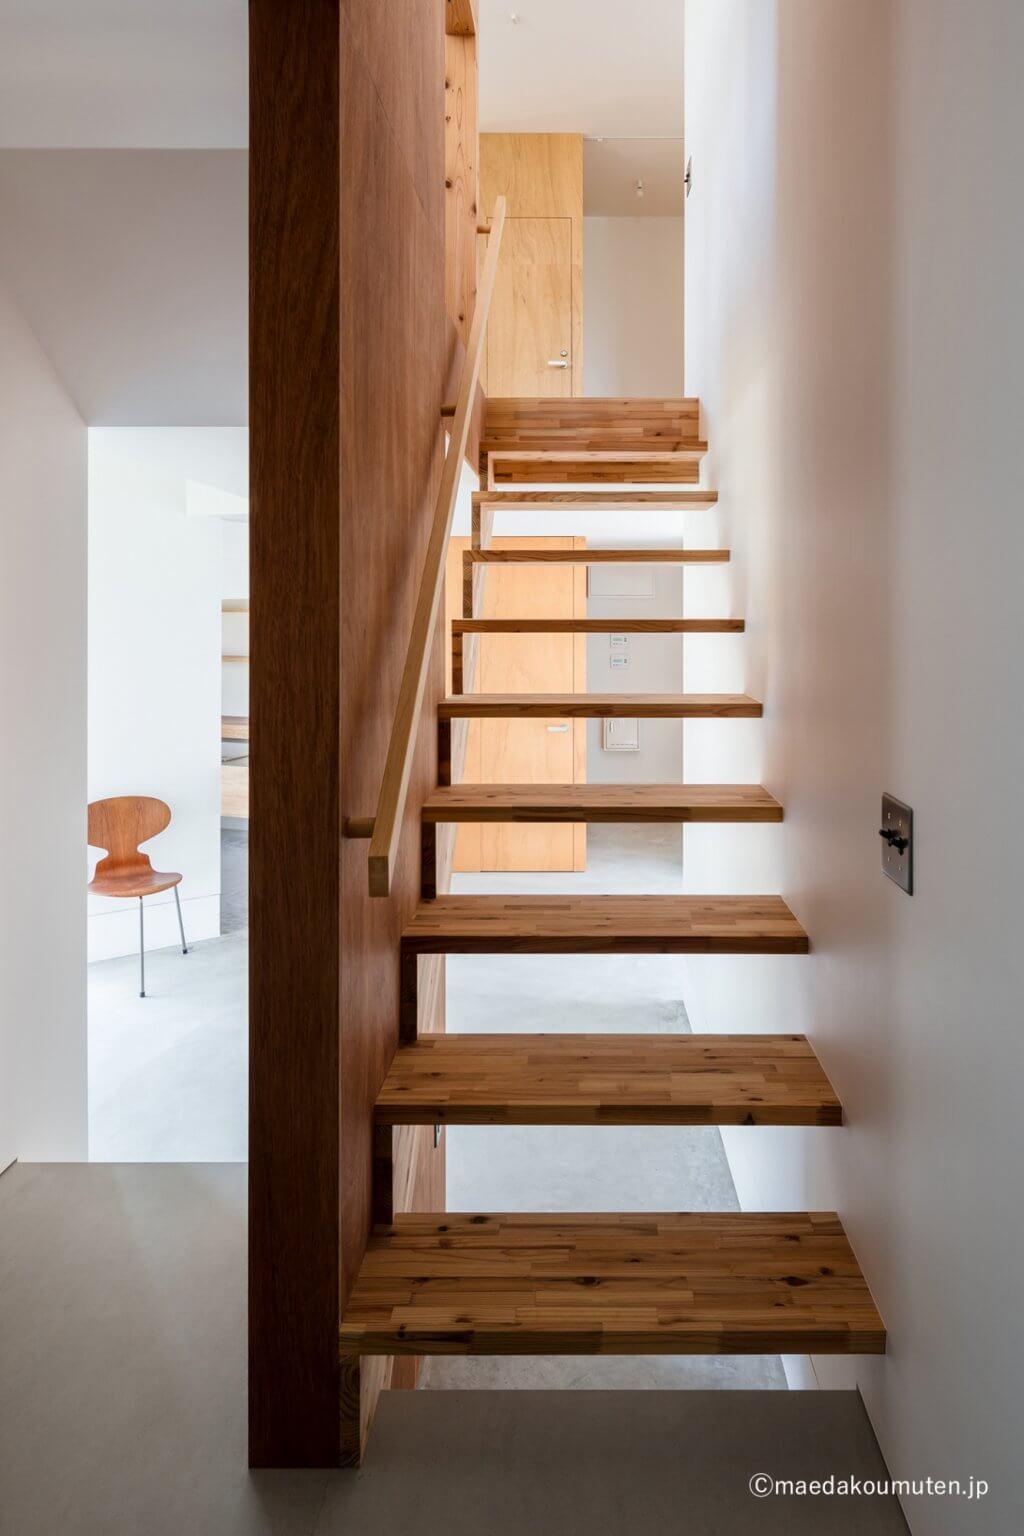 神奈川県、工務店、注文住宅、デザイン住宅、建築家、谷戸の家_19